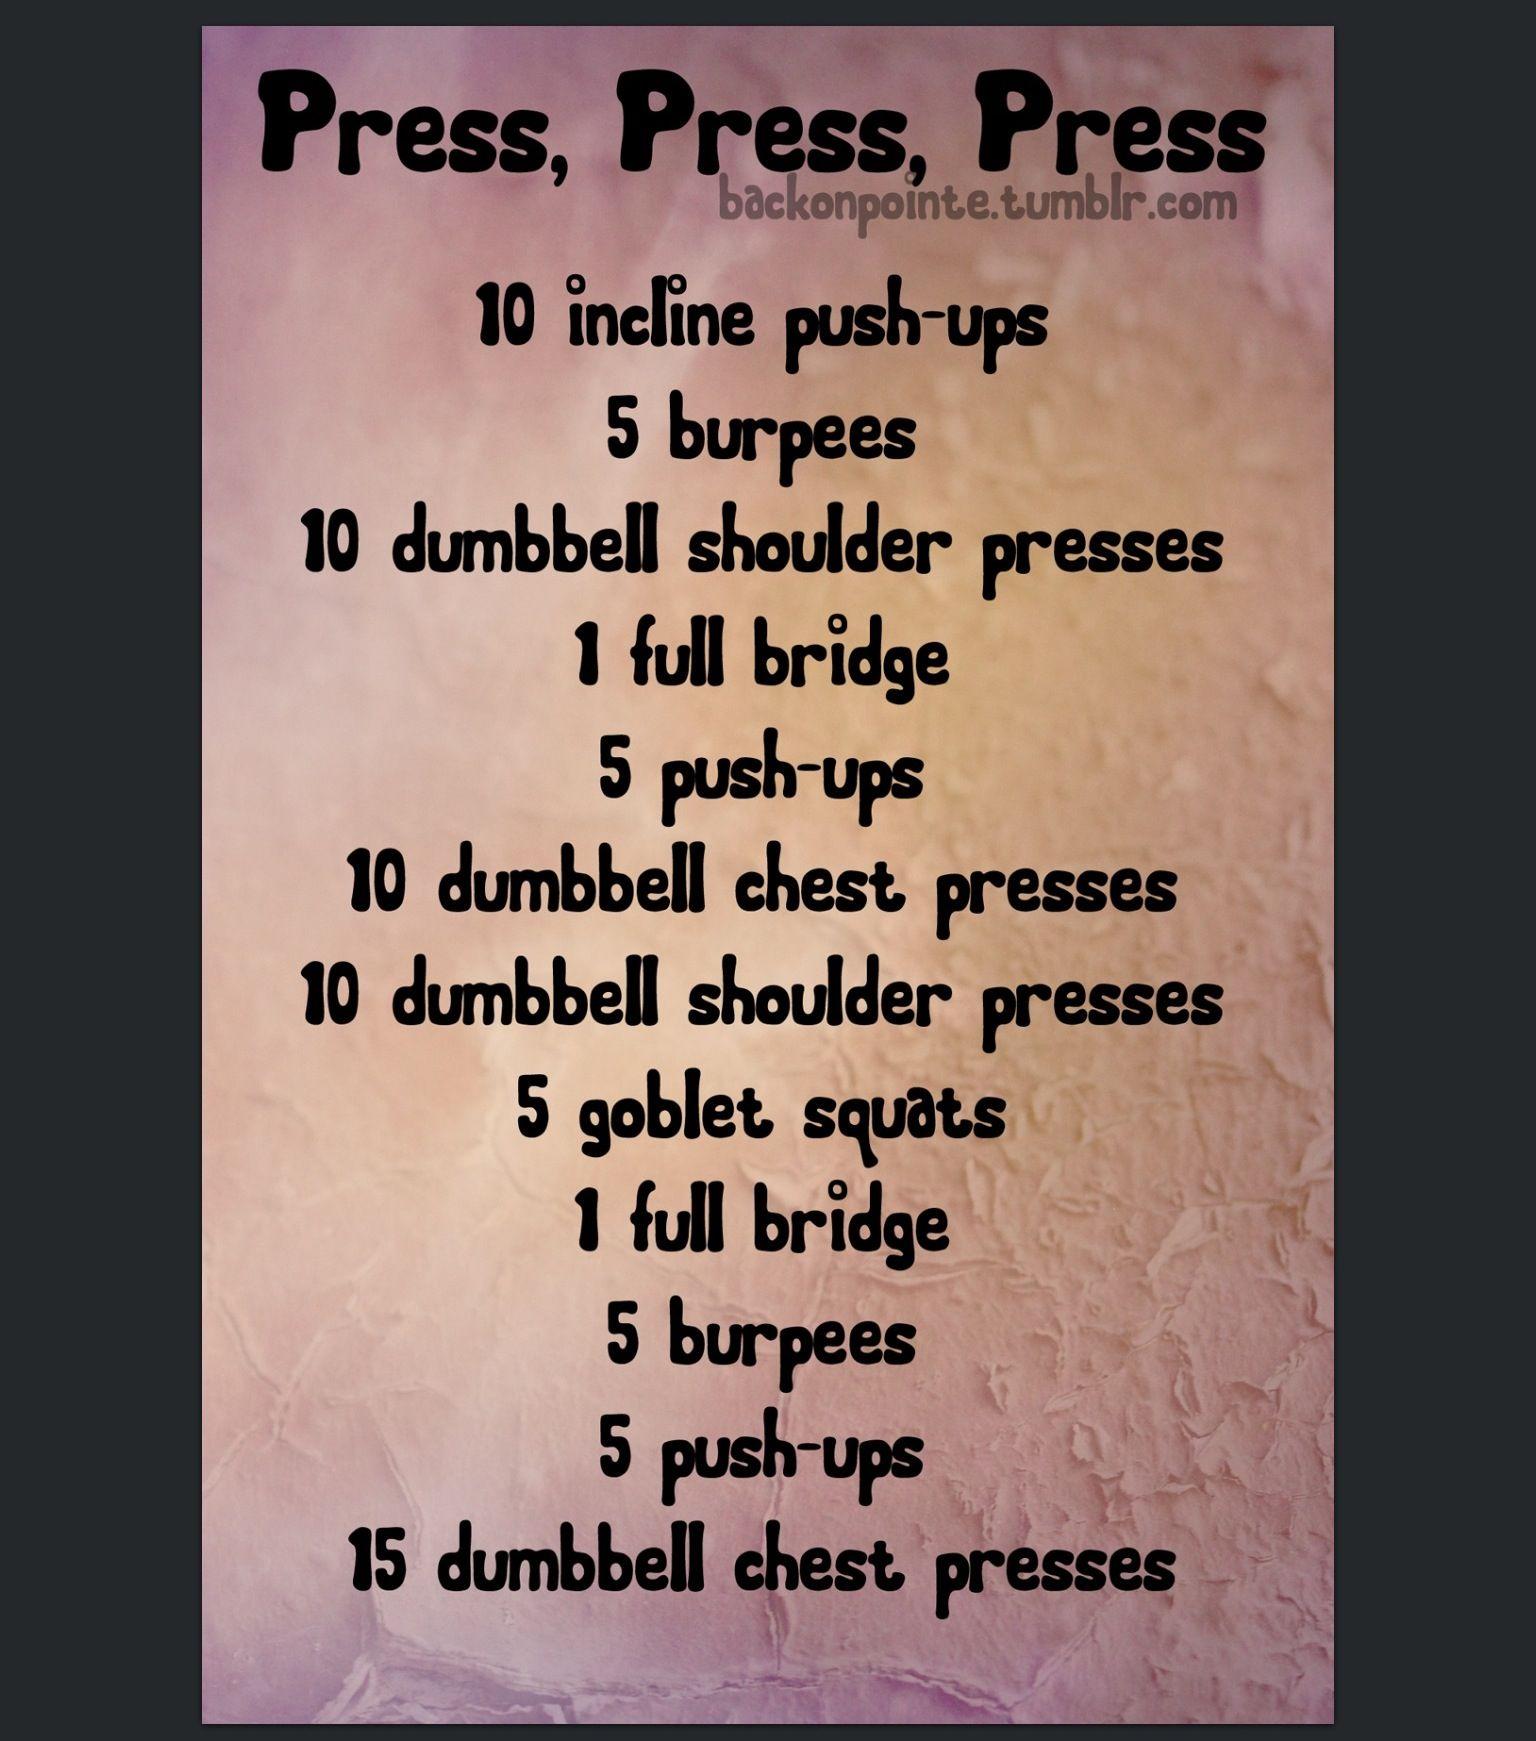 Press, Press, Press